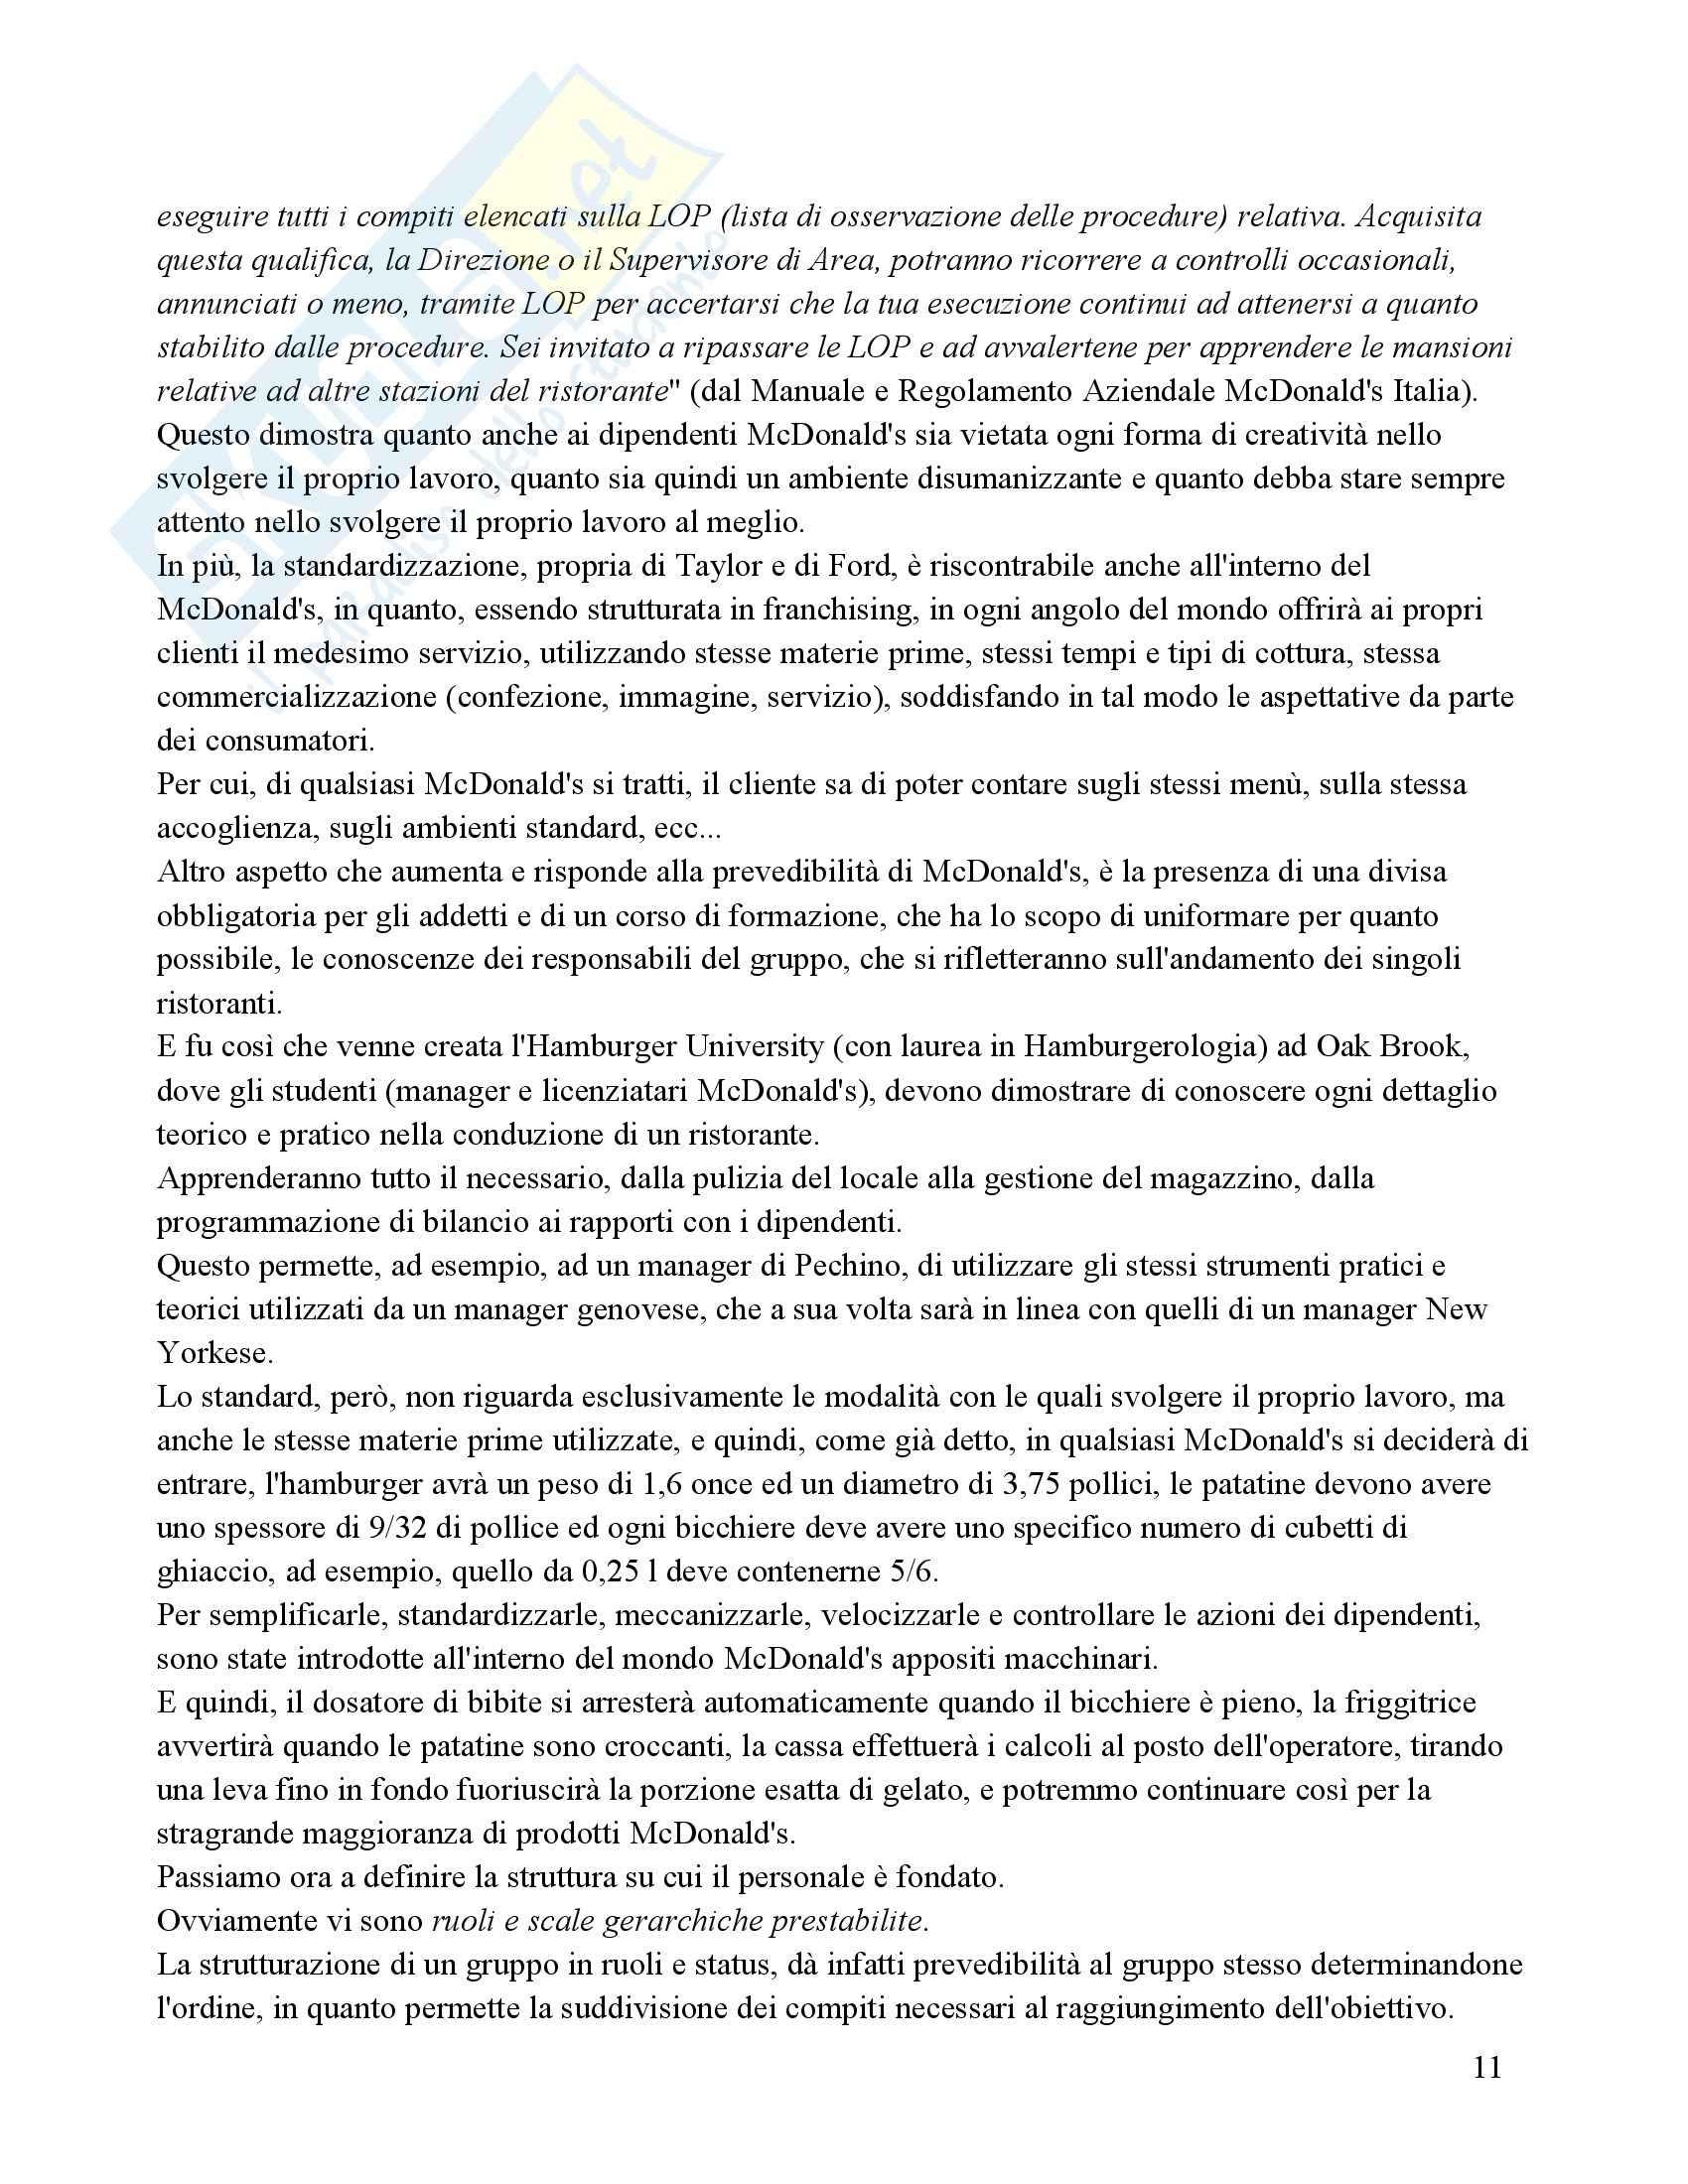 Organizzazione aziendale - storia sull'azienda Mc Donald's Pag. 11